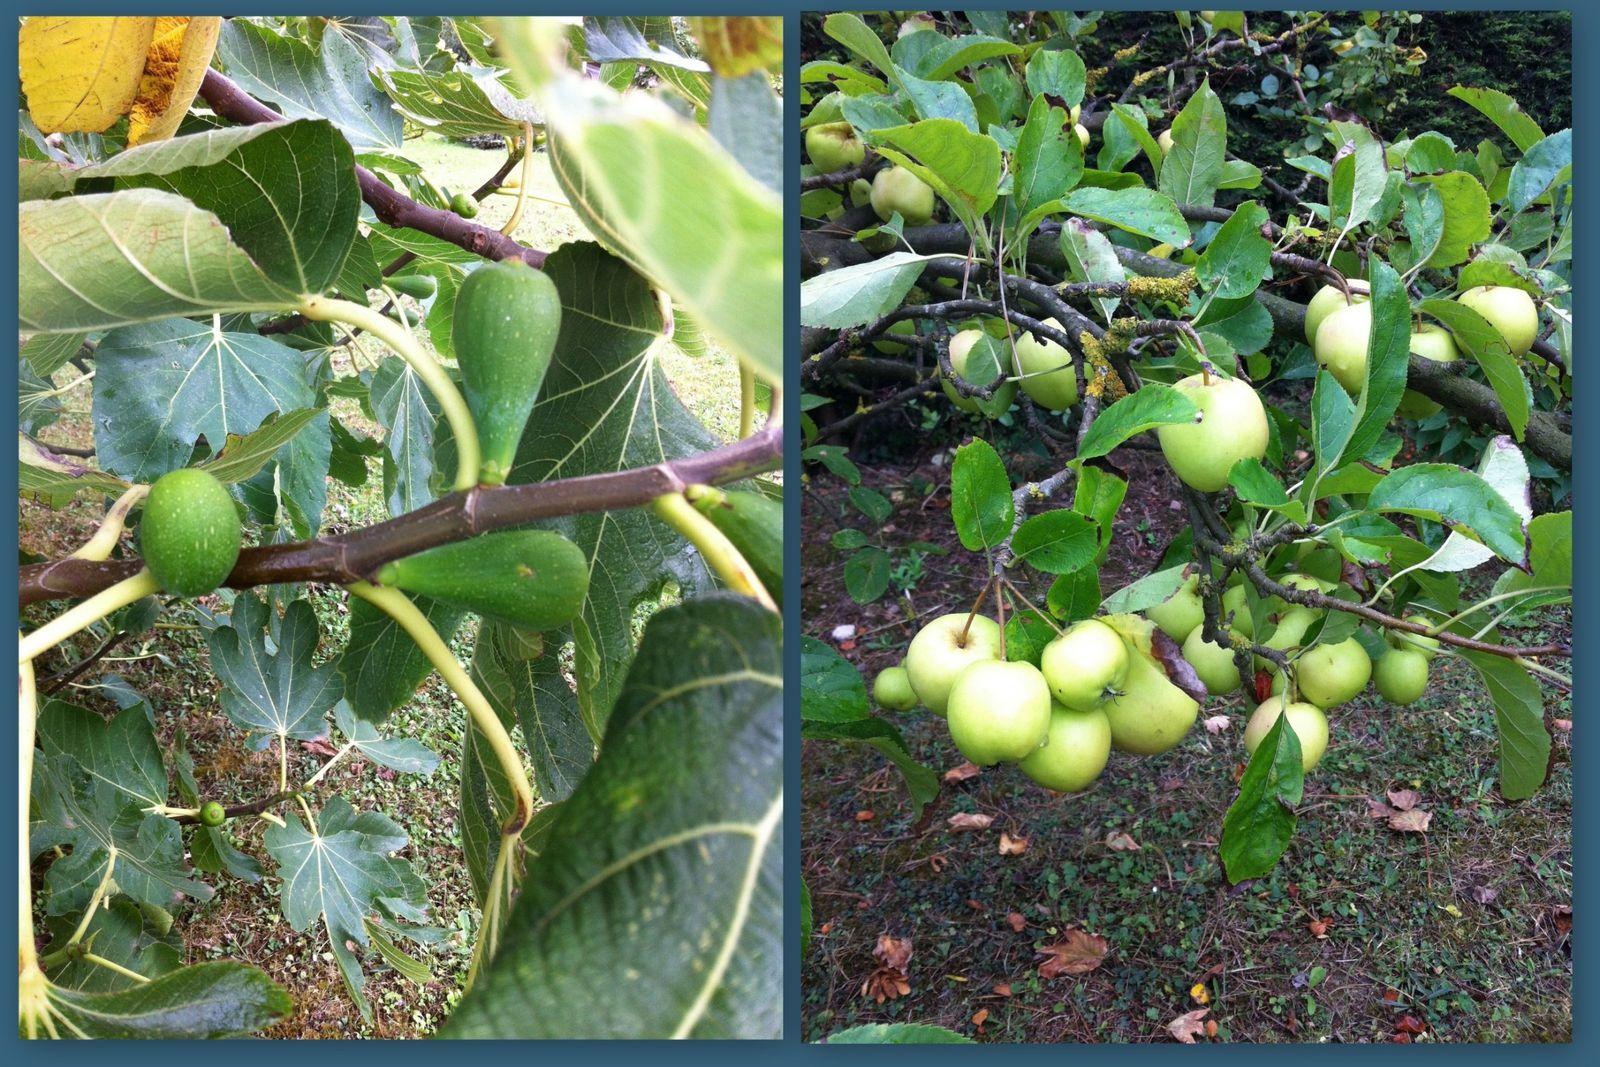 Les figues & pommes .. en décembre !